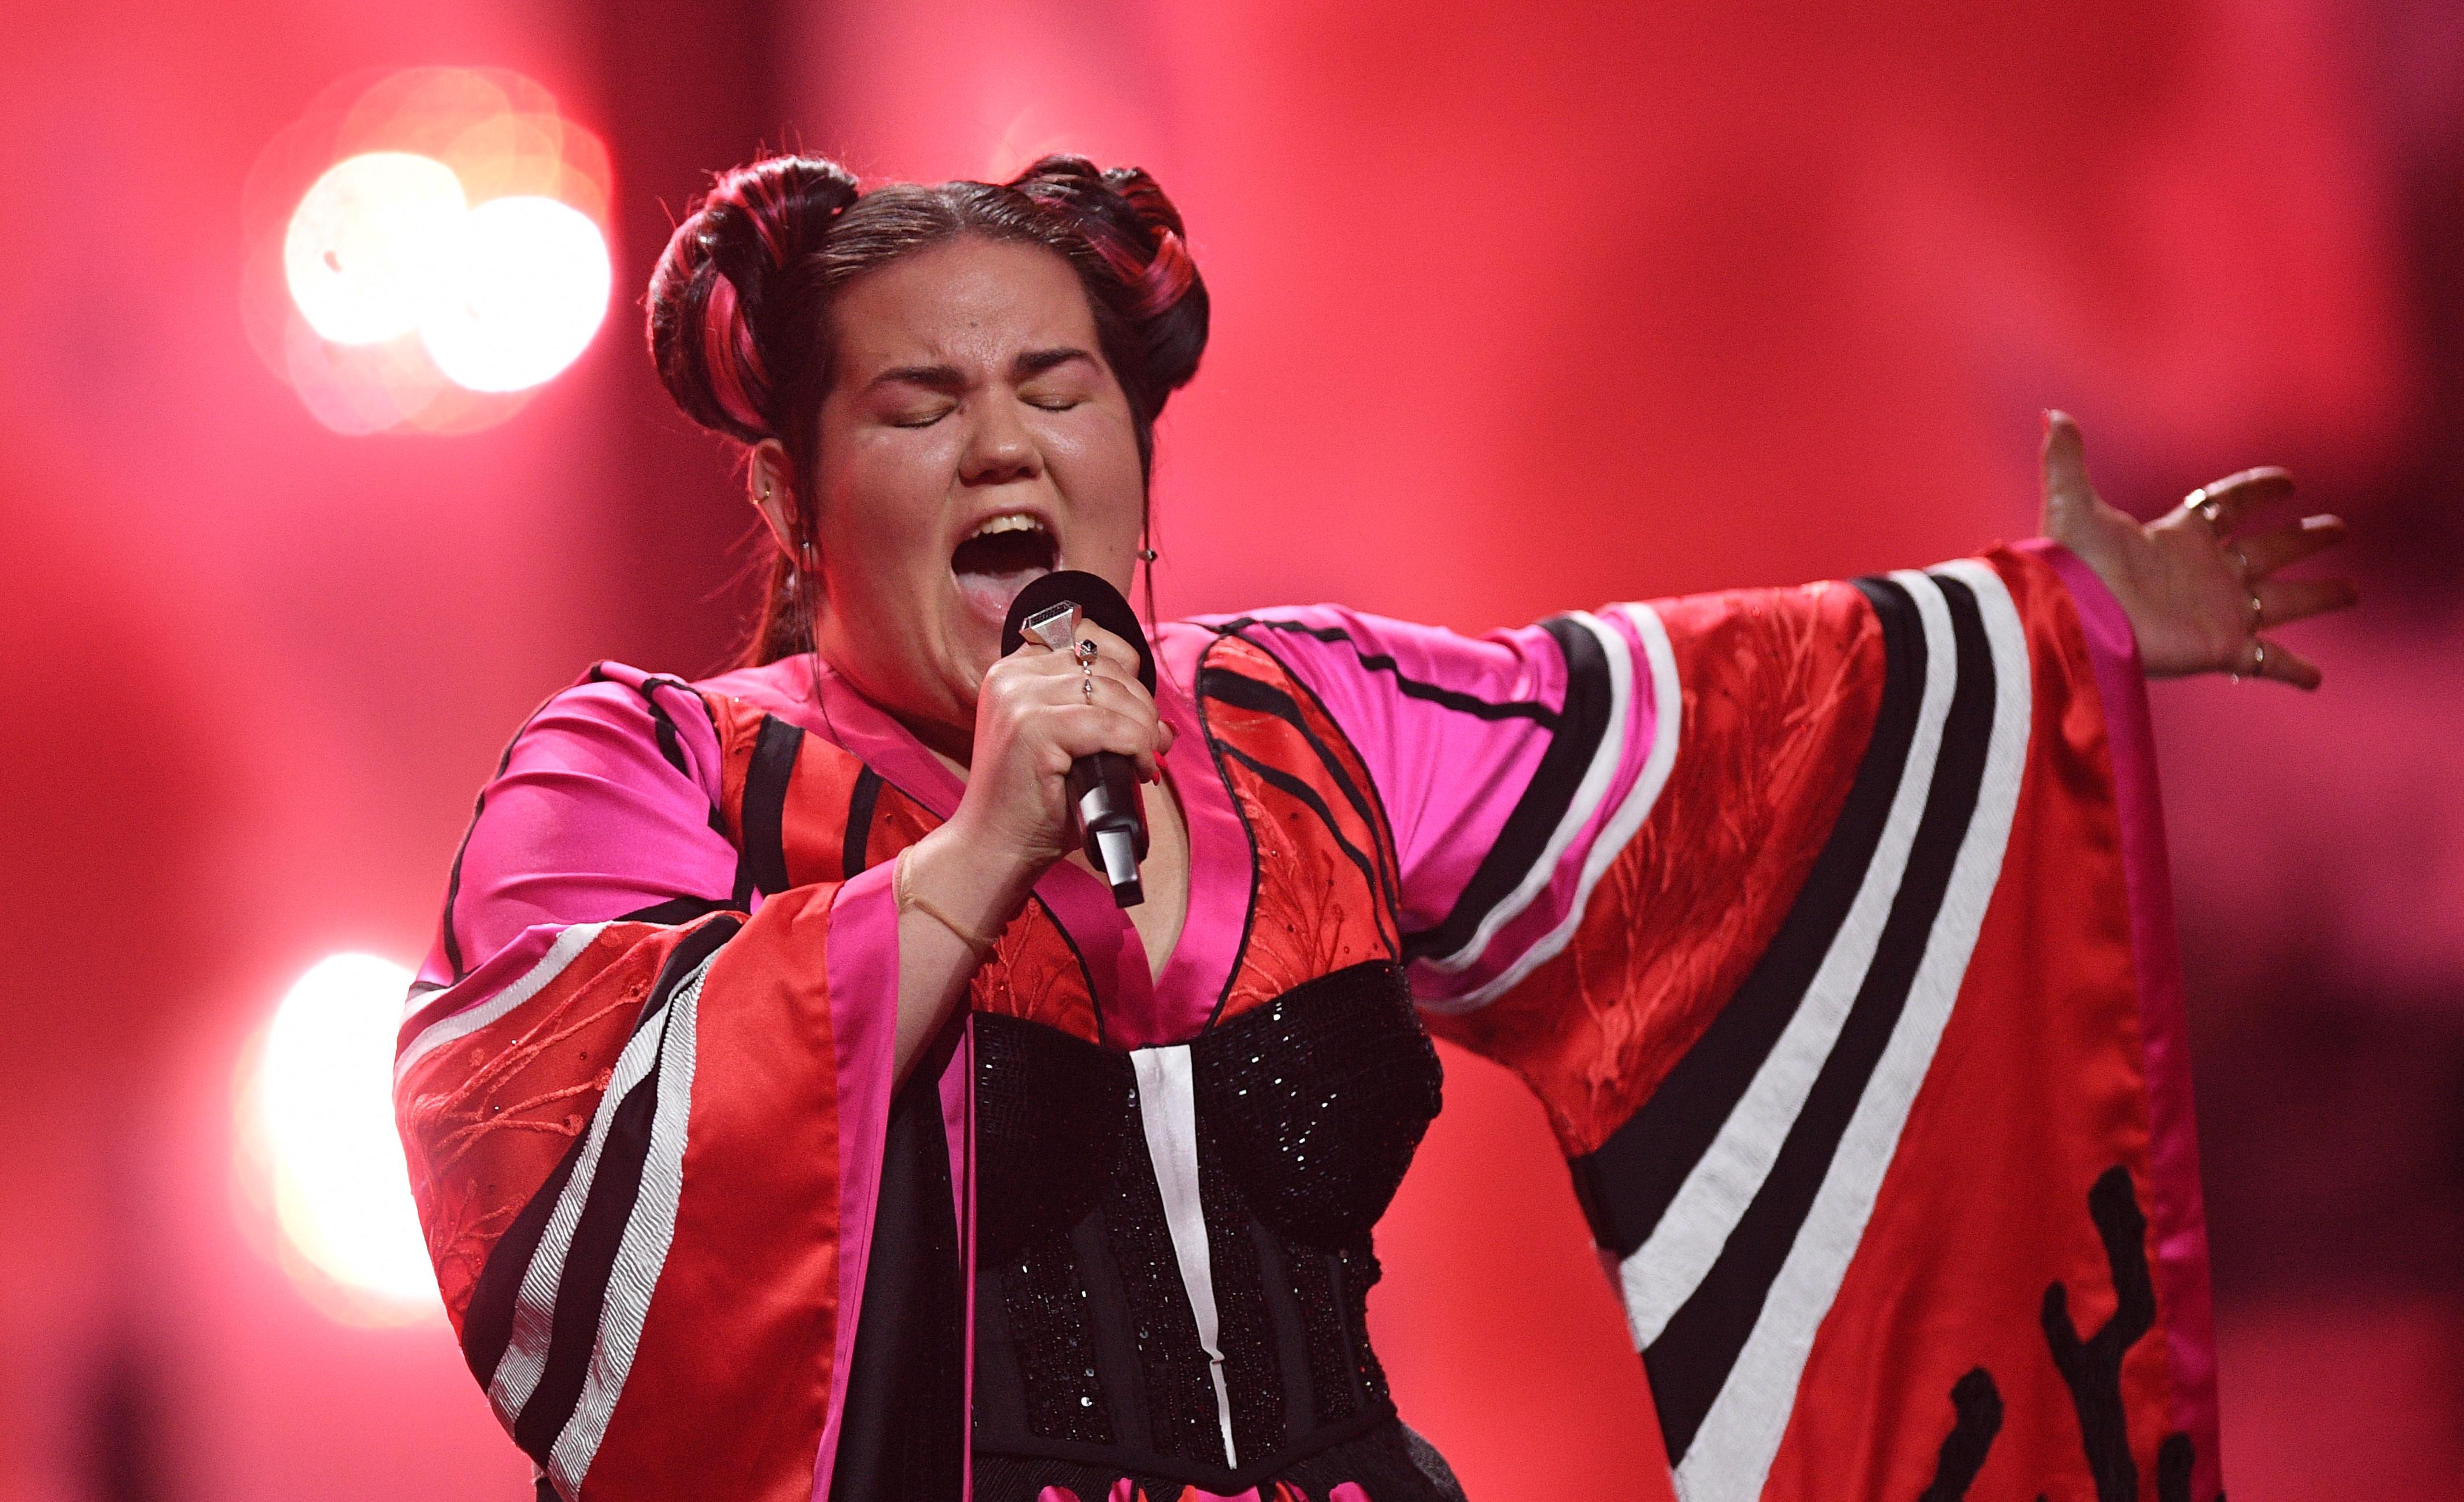 <p><span>Певица Нетта Барзилай. Фото: &copy;РИА Новости/Владимир Астапкович</span></p>